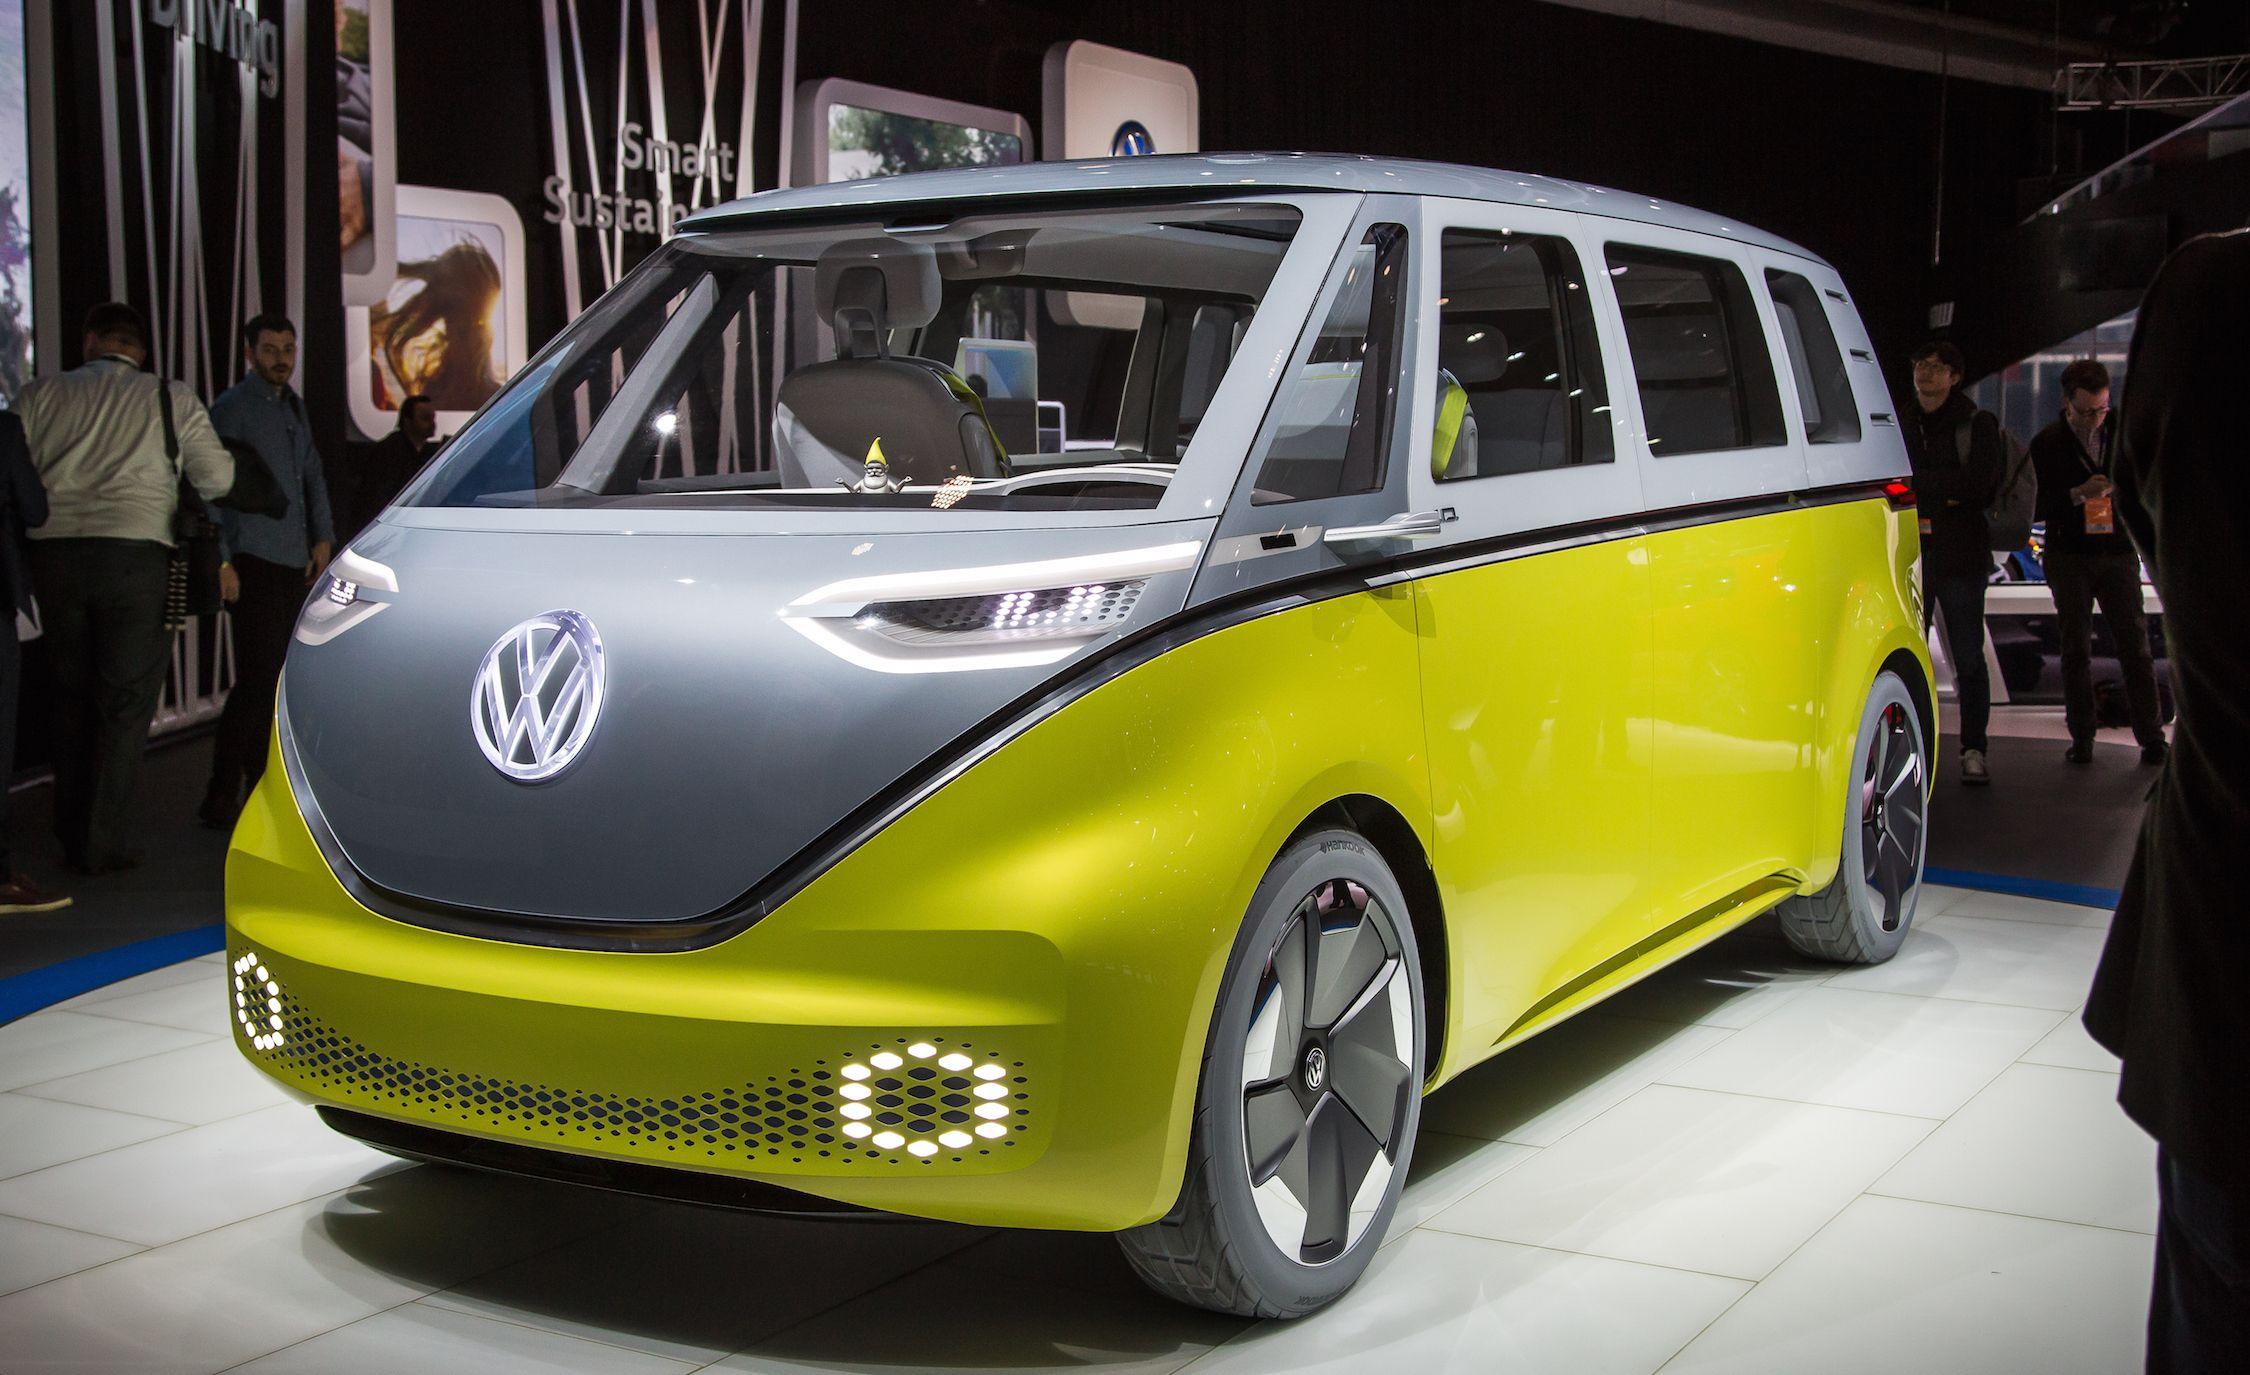 Vw Bulli 2018 >> Space Exploration: A Close-Up Look at Volkswagen's I.D. Buzz Concept